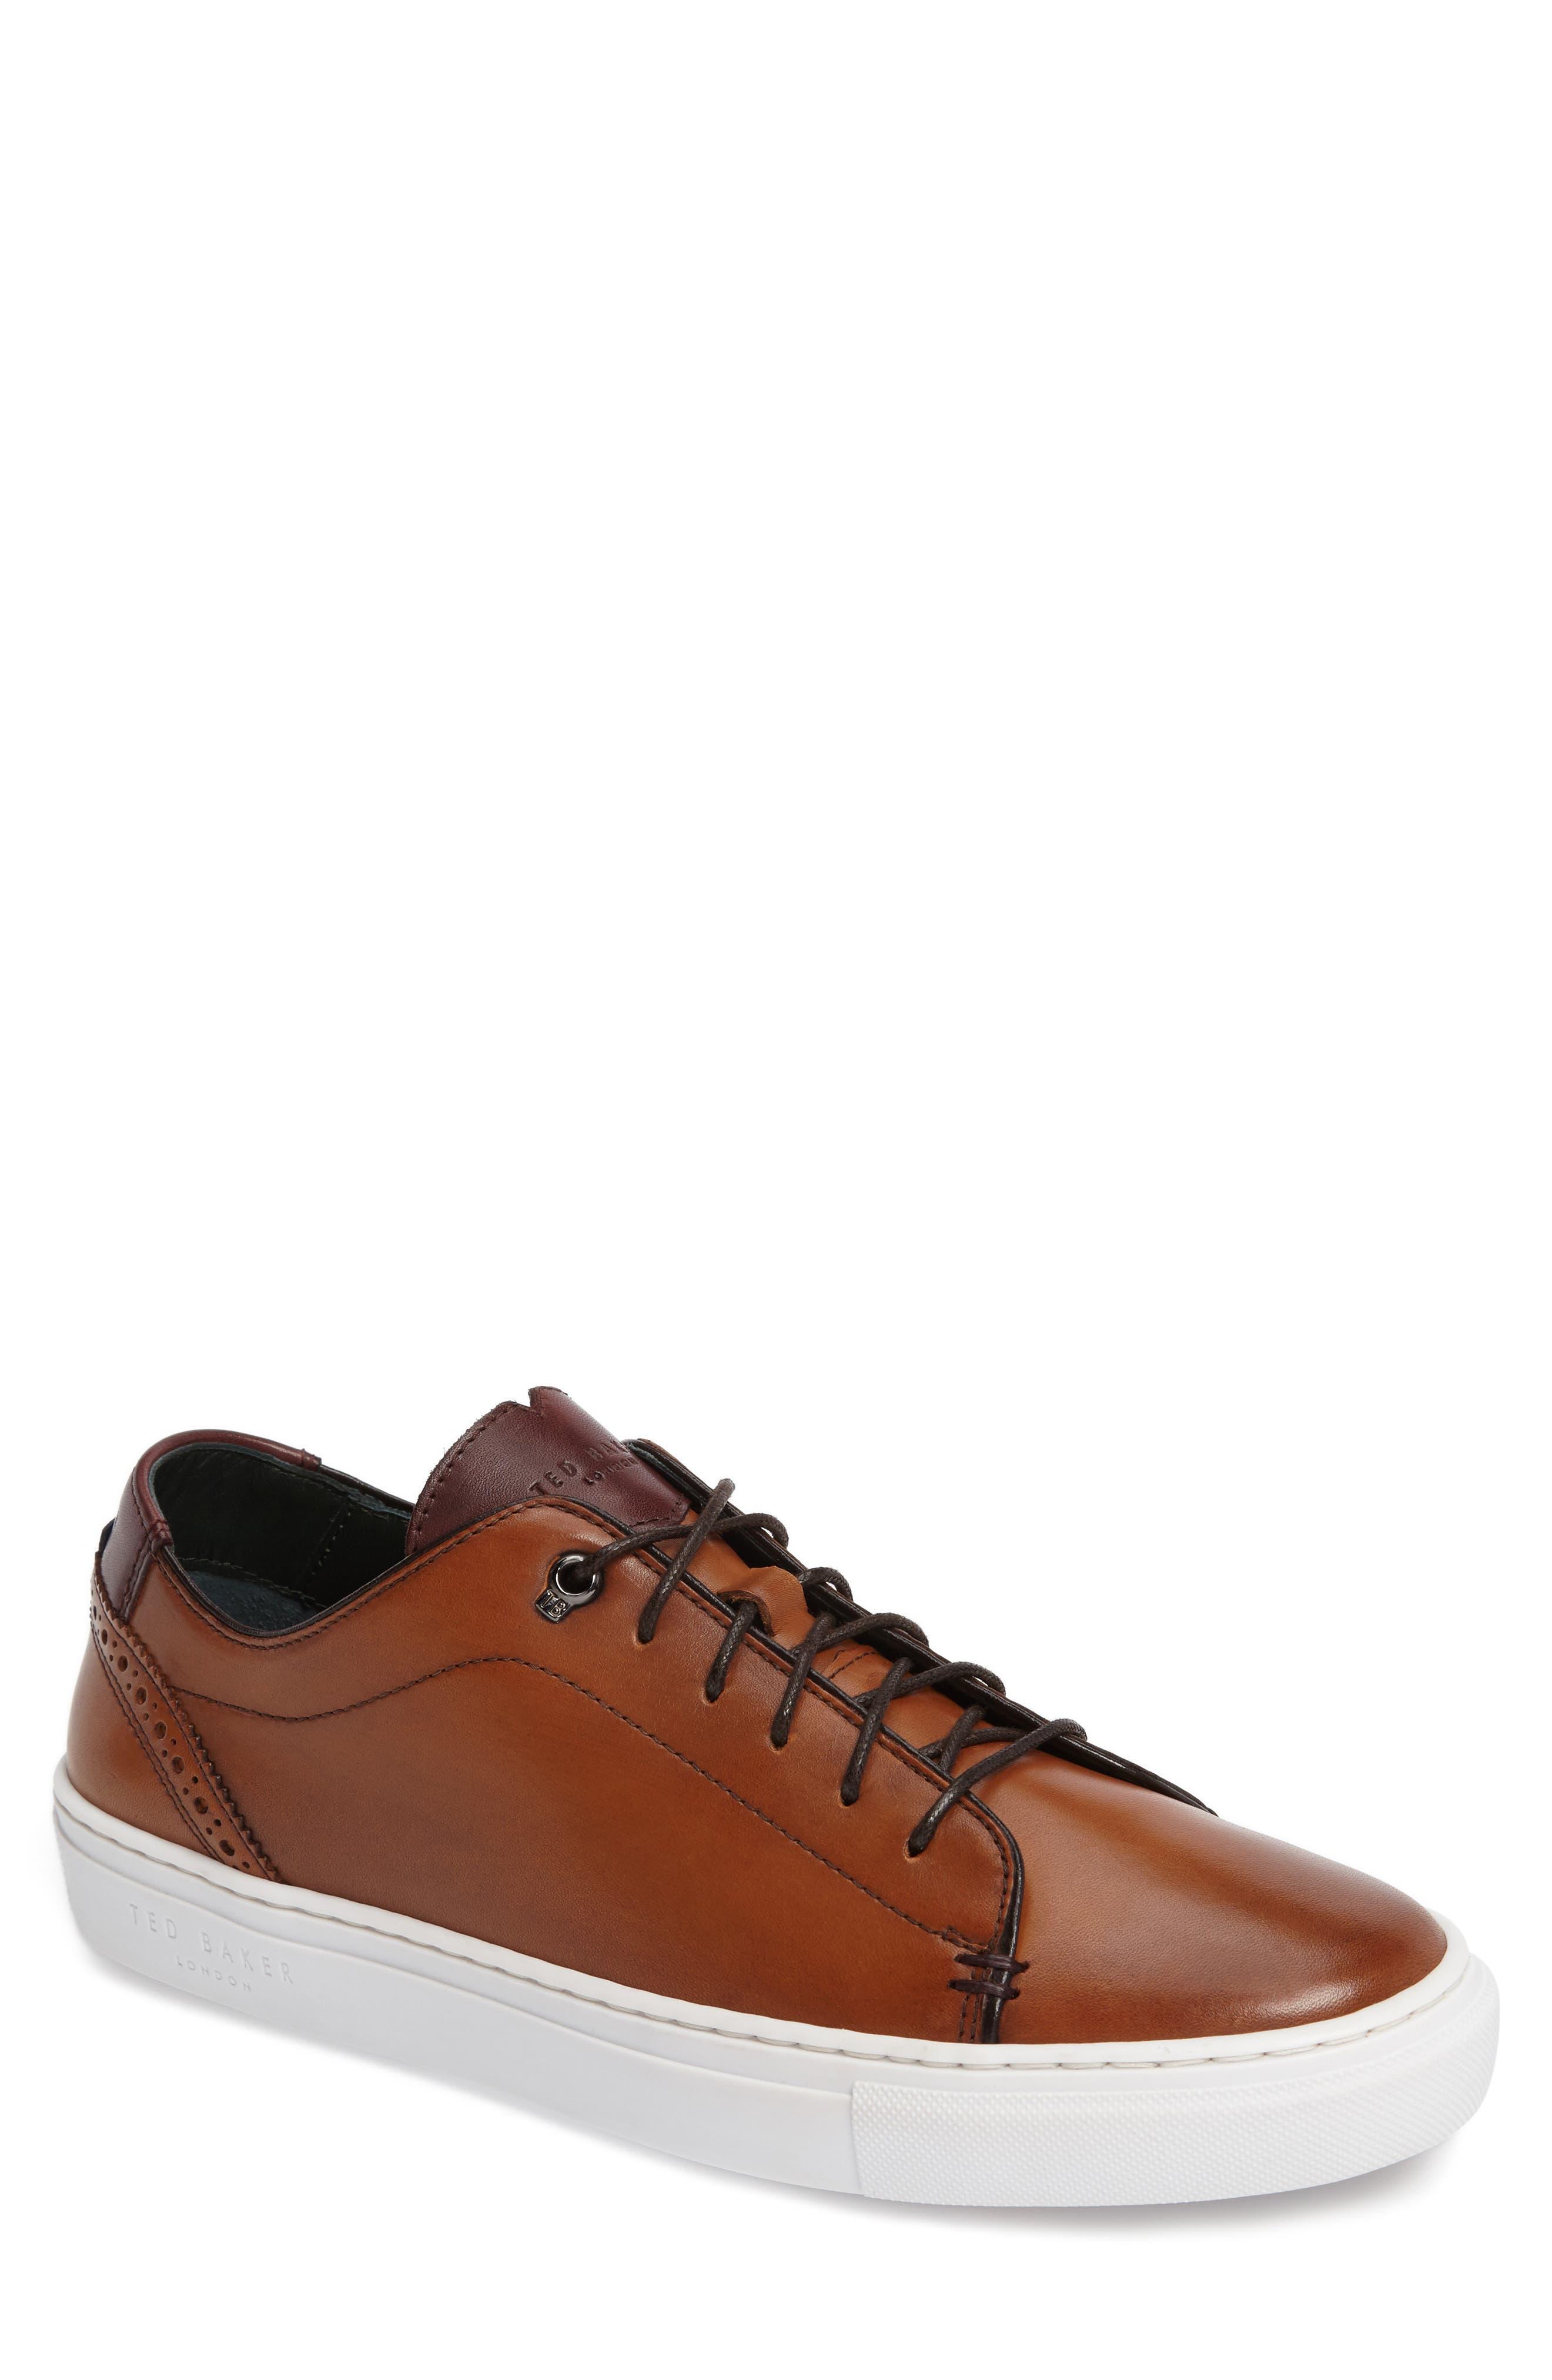 Alternate Image 1 Selected - Ted Baker London Duuke Sneaker (Men)